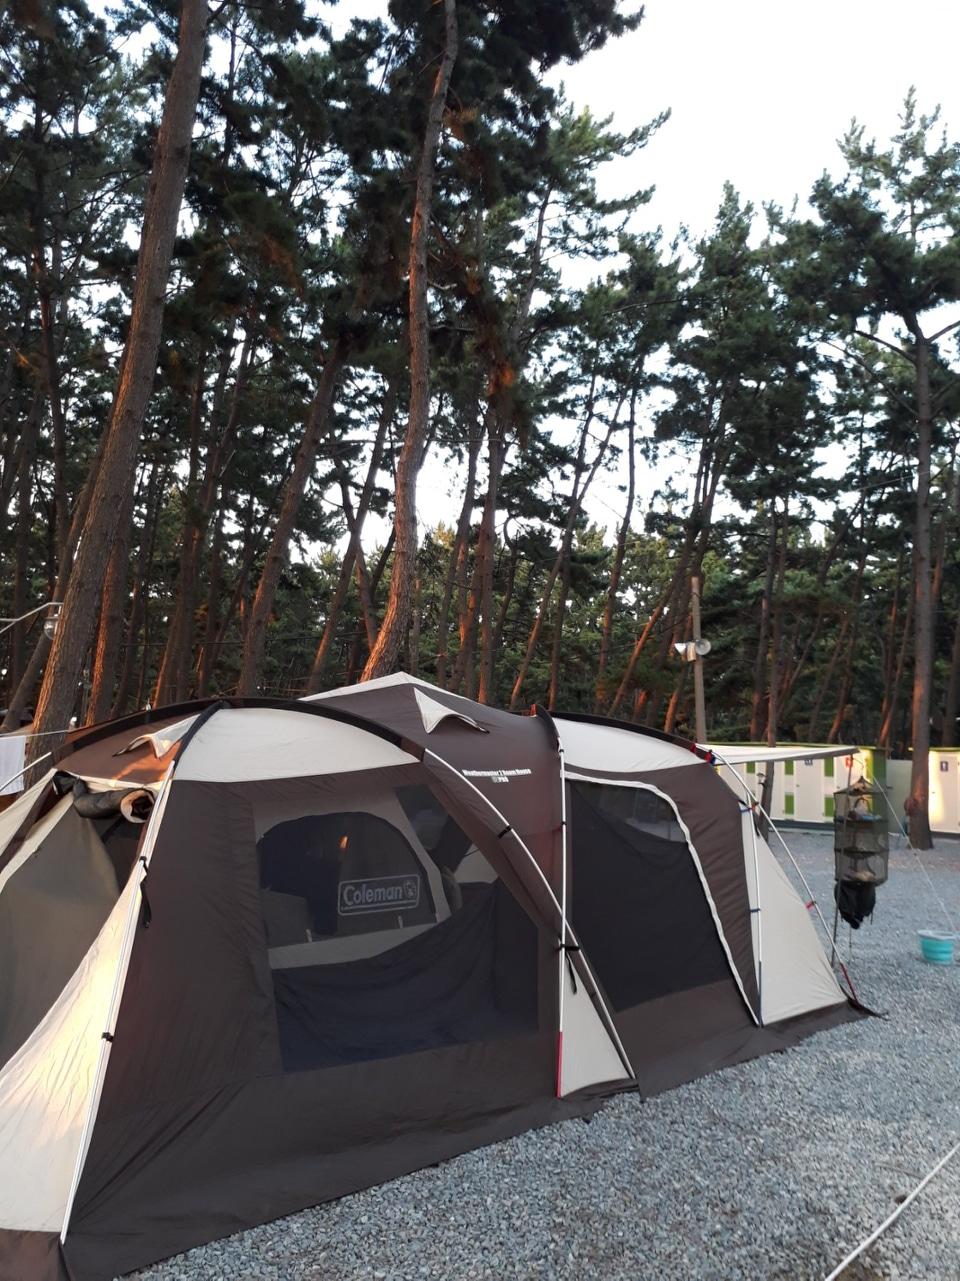 (텐트) 콜맨 웨더마스터 투룸하우스 텐트판매합니다